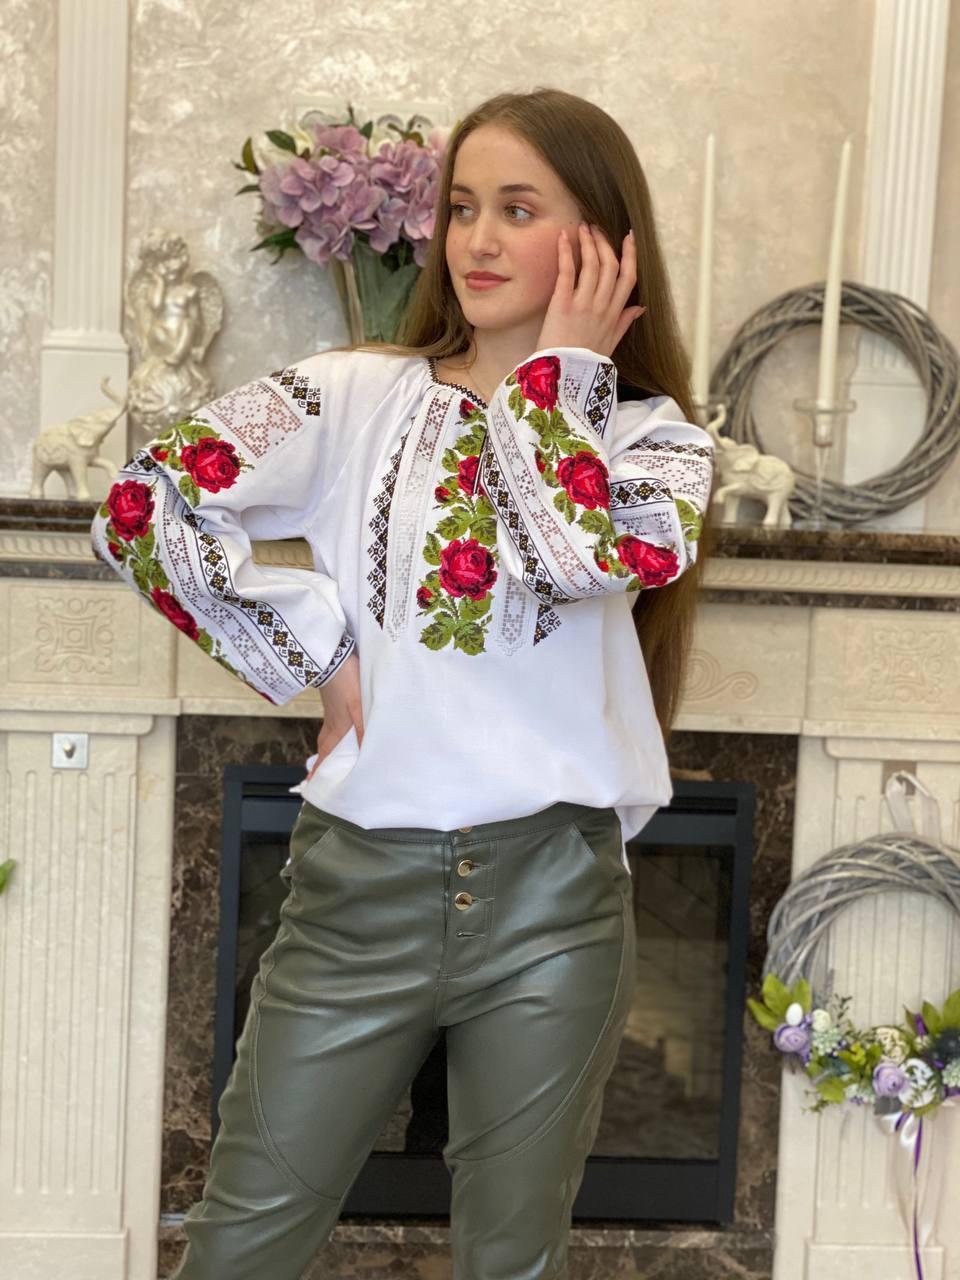 Жіноча вишиванка з трояндами і мереживом - дуже ніжна і водночас яскрава❤️